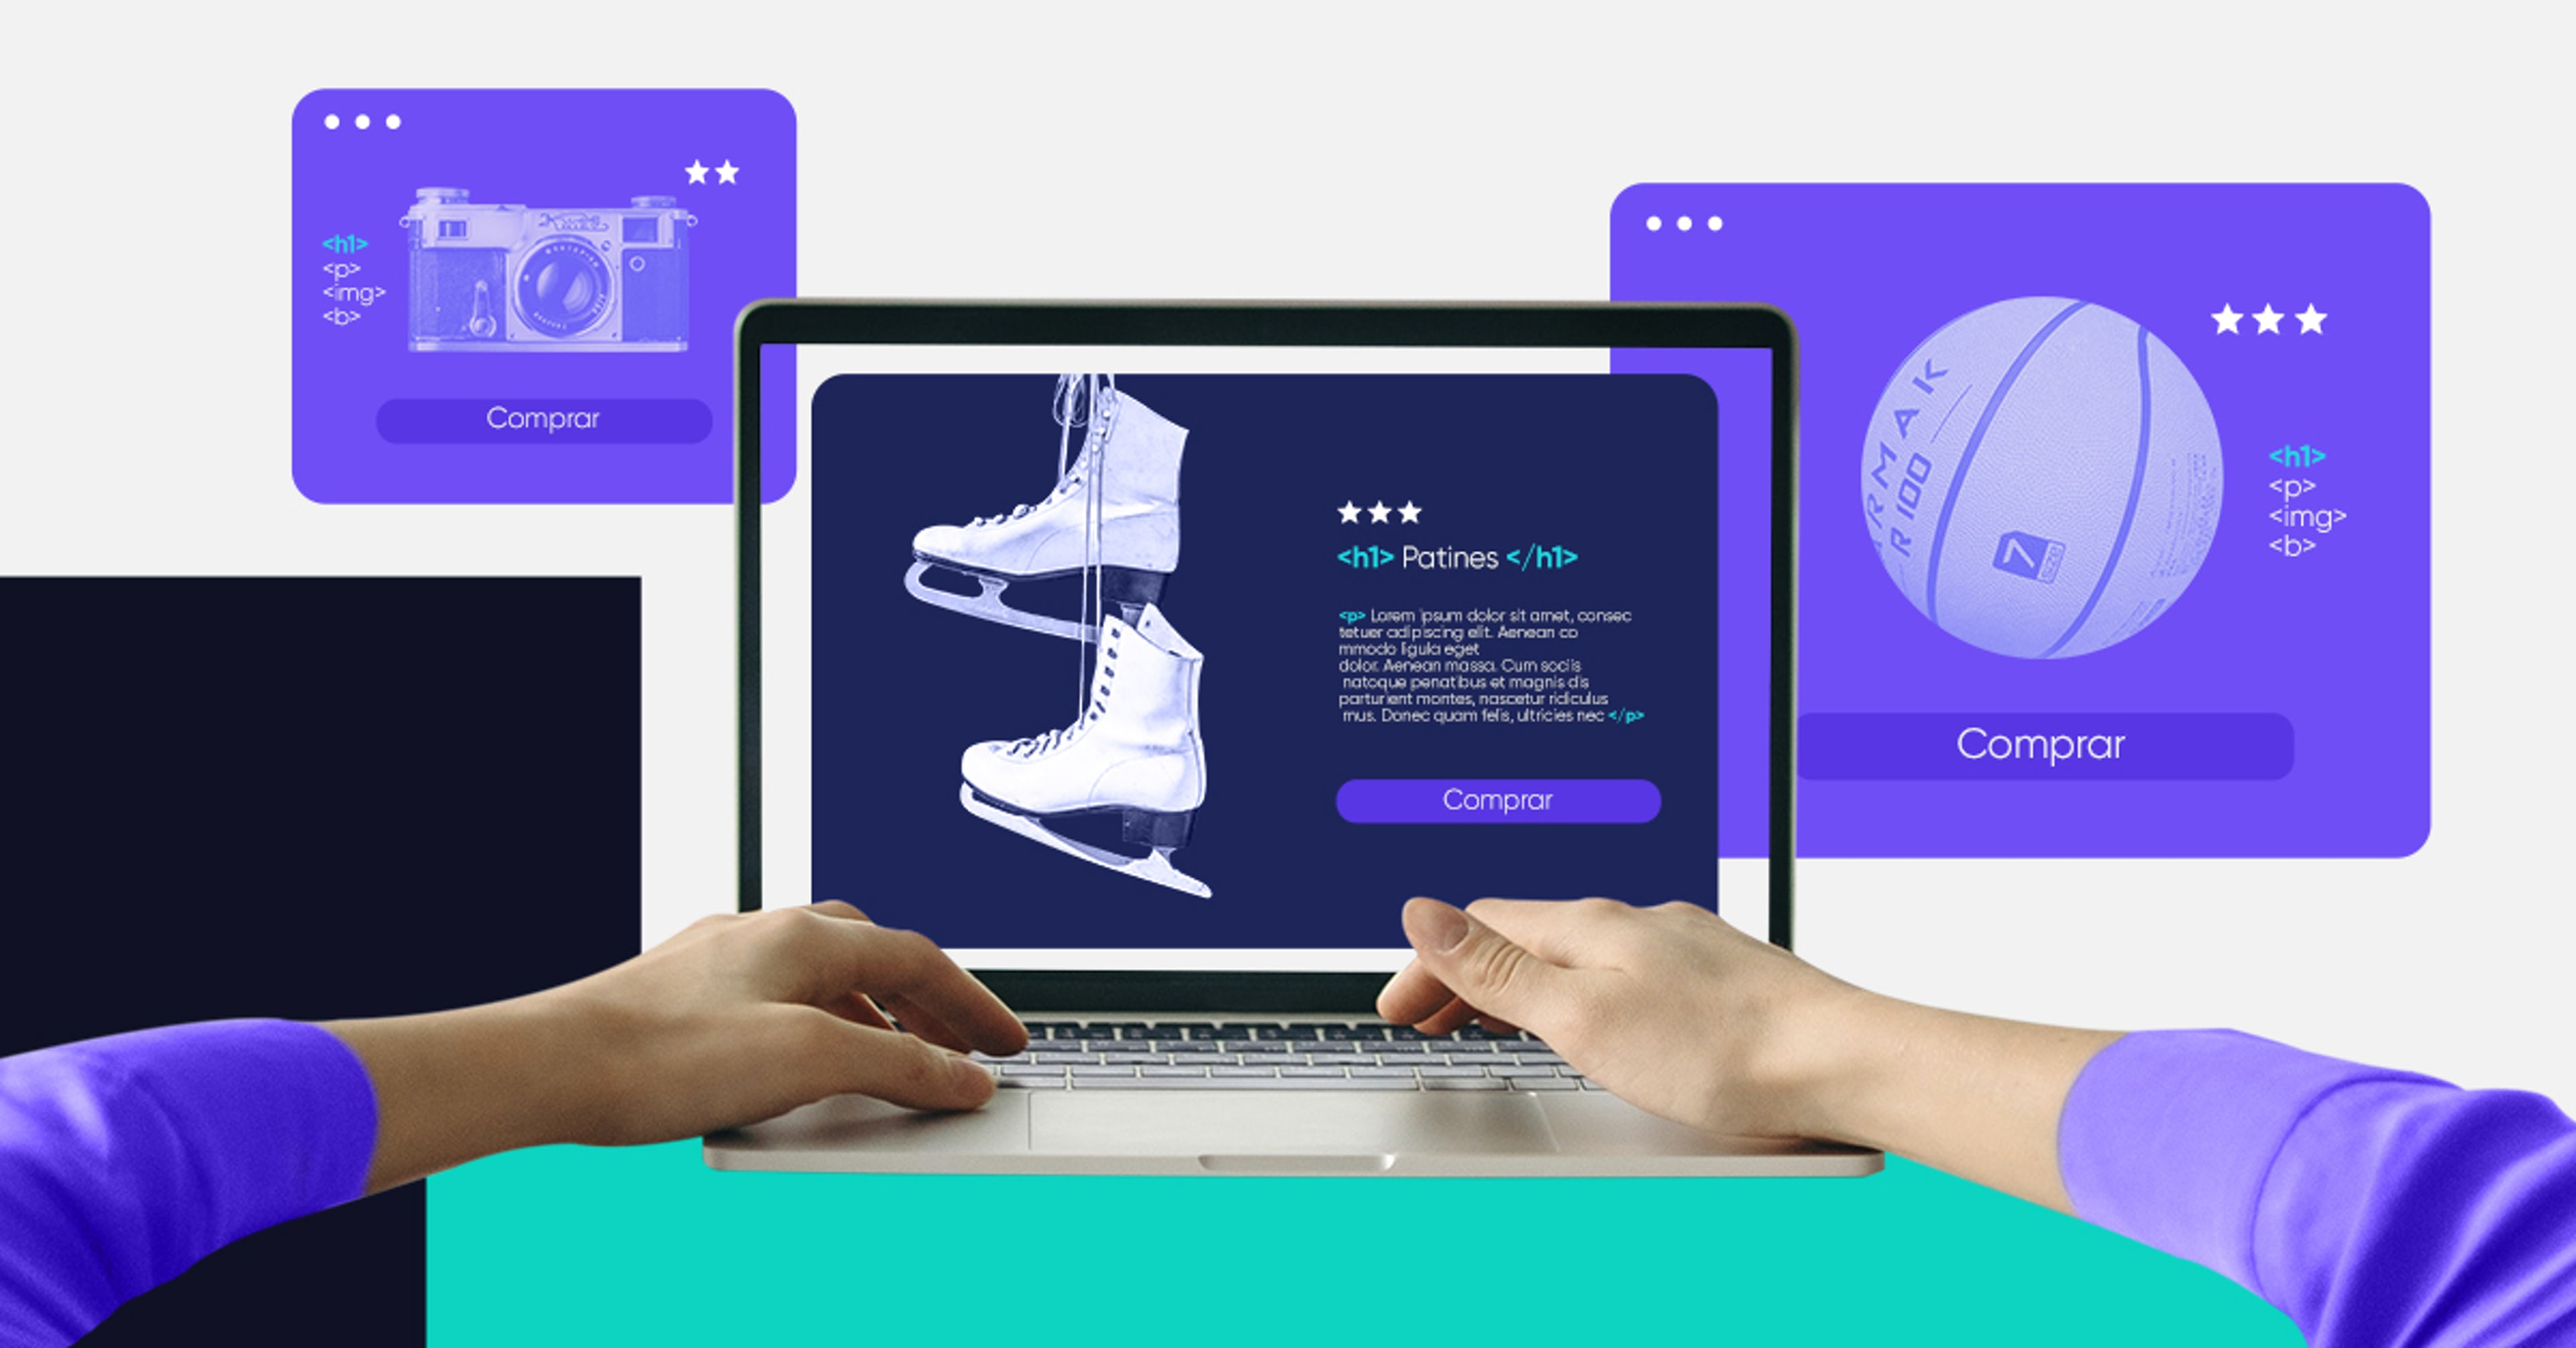 ¿Quieres crear una página web e-commerce? No temas dar el primer paso